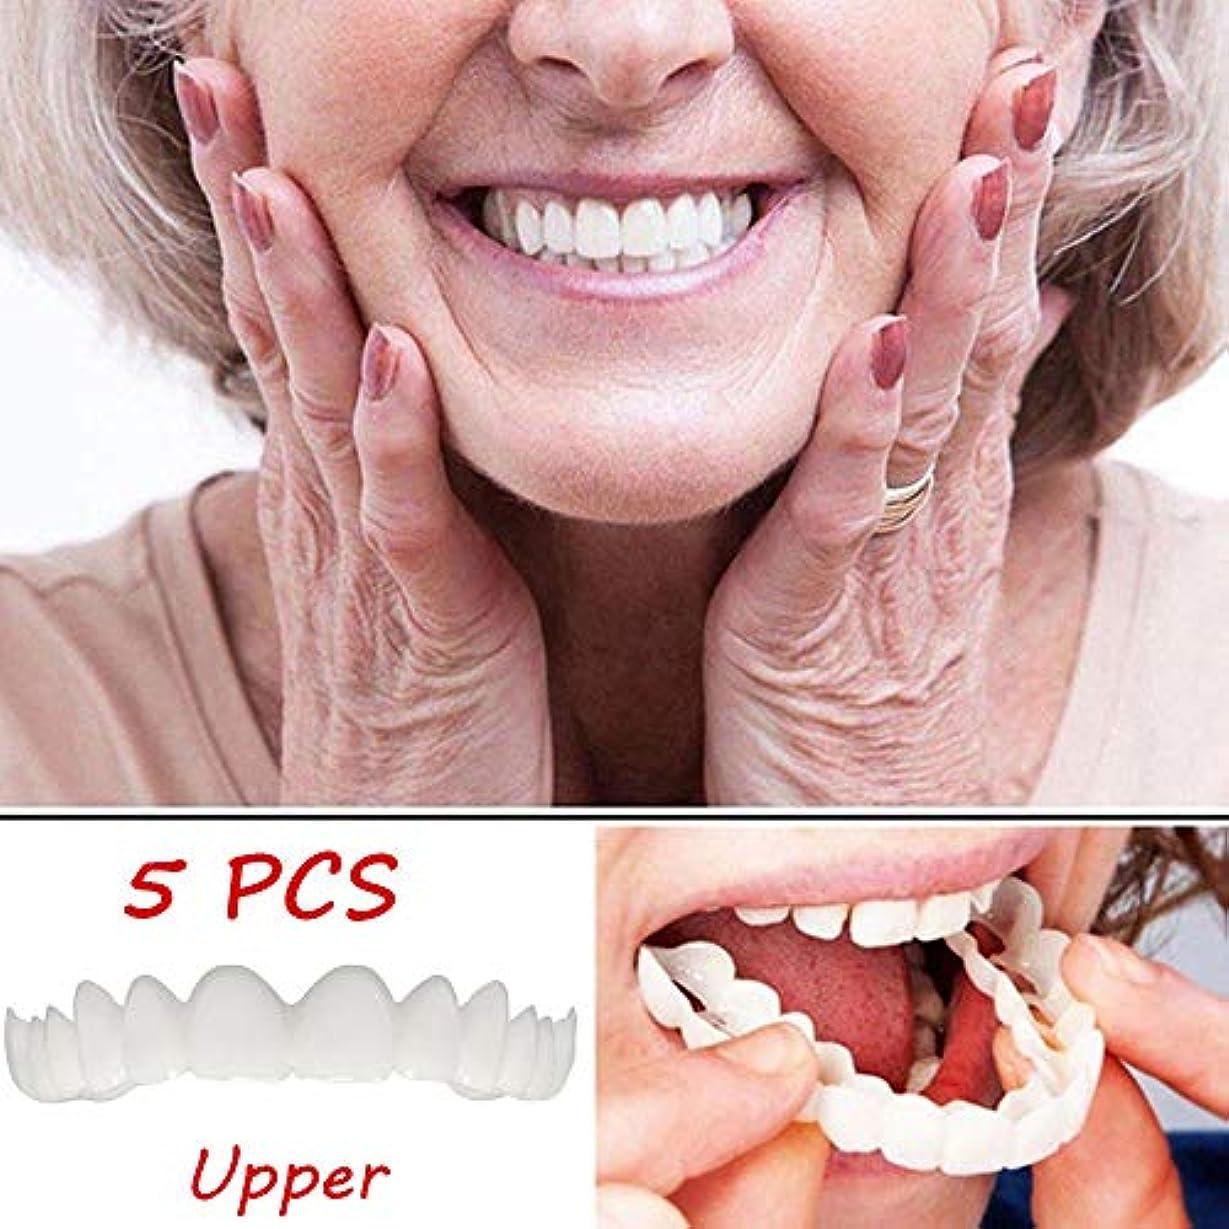 そこから極小アリ快適なベニヤの歯は一時的に歯の上の歯の1つのサイズを白くする5 PCSを微笑みますほとんどの人々の美の歯のシミュレーションの歯の義歯の心配に合います